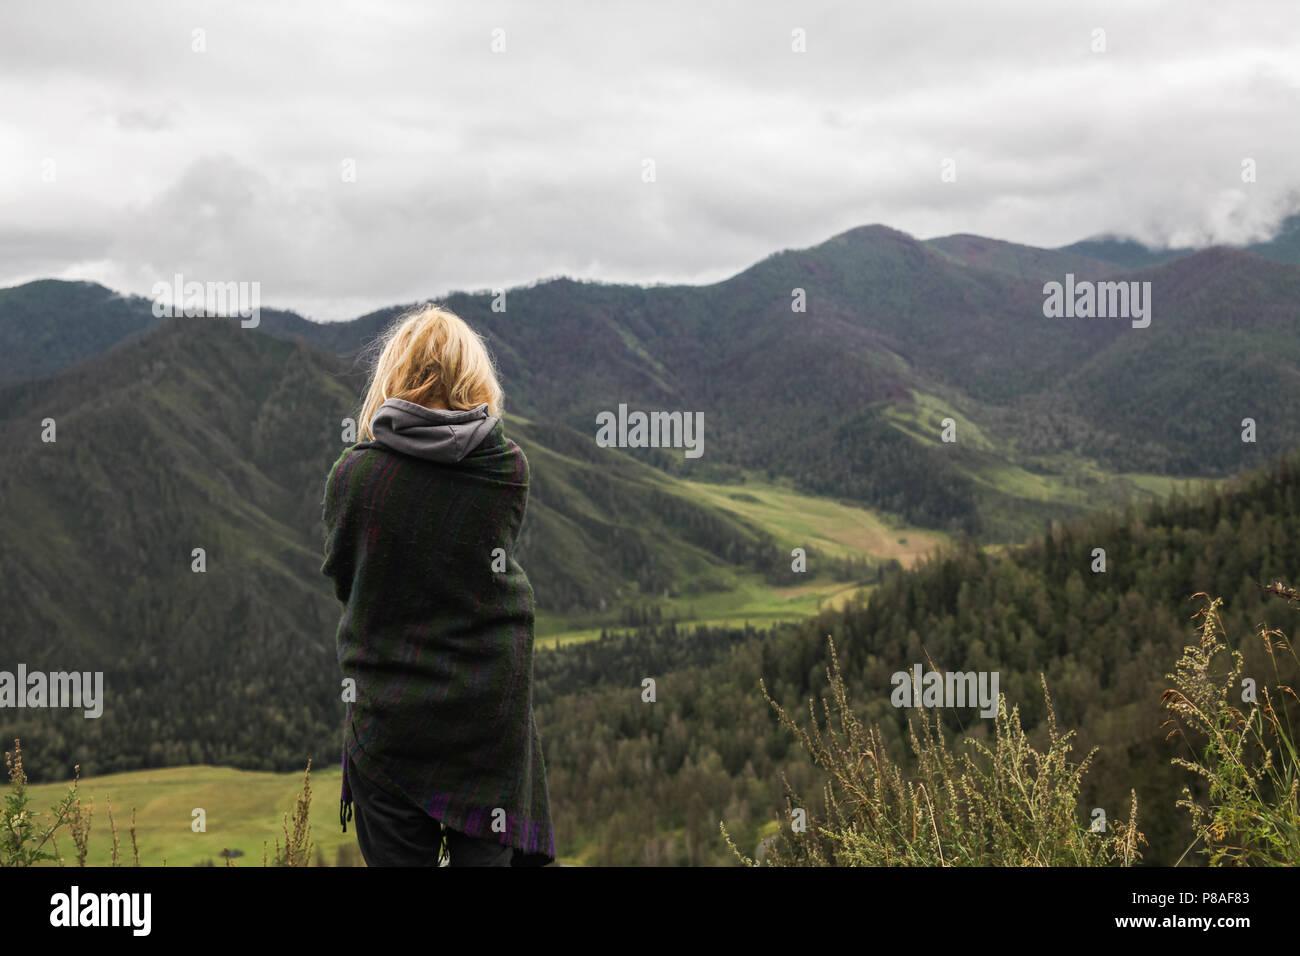 Vista posterior de la joven mujer mirando al hermoso paisaje en las montañas Altai, Rusia Imagen De Stock